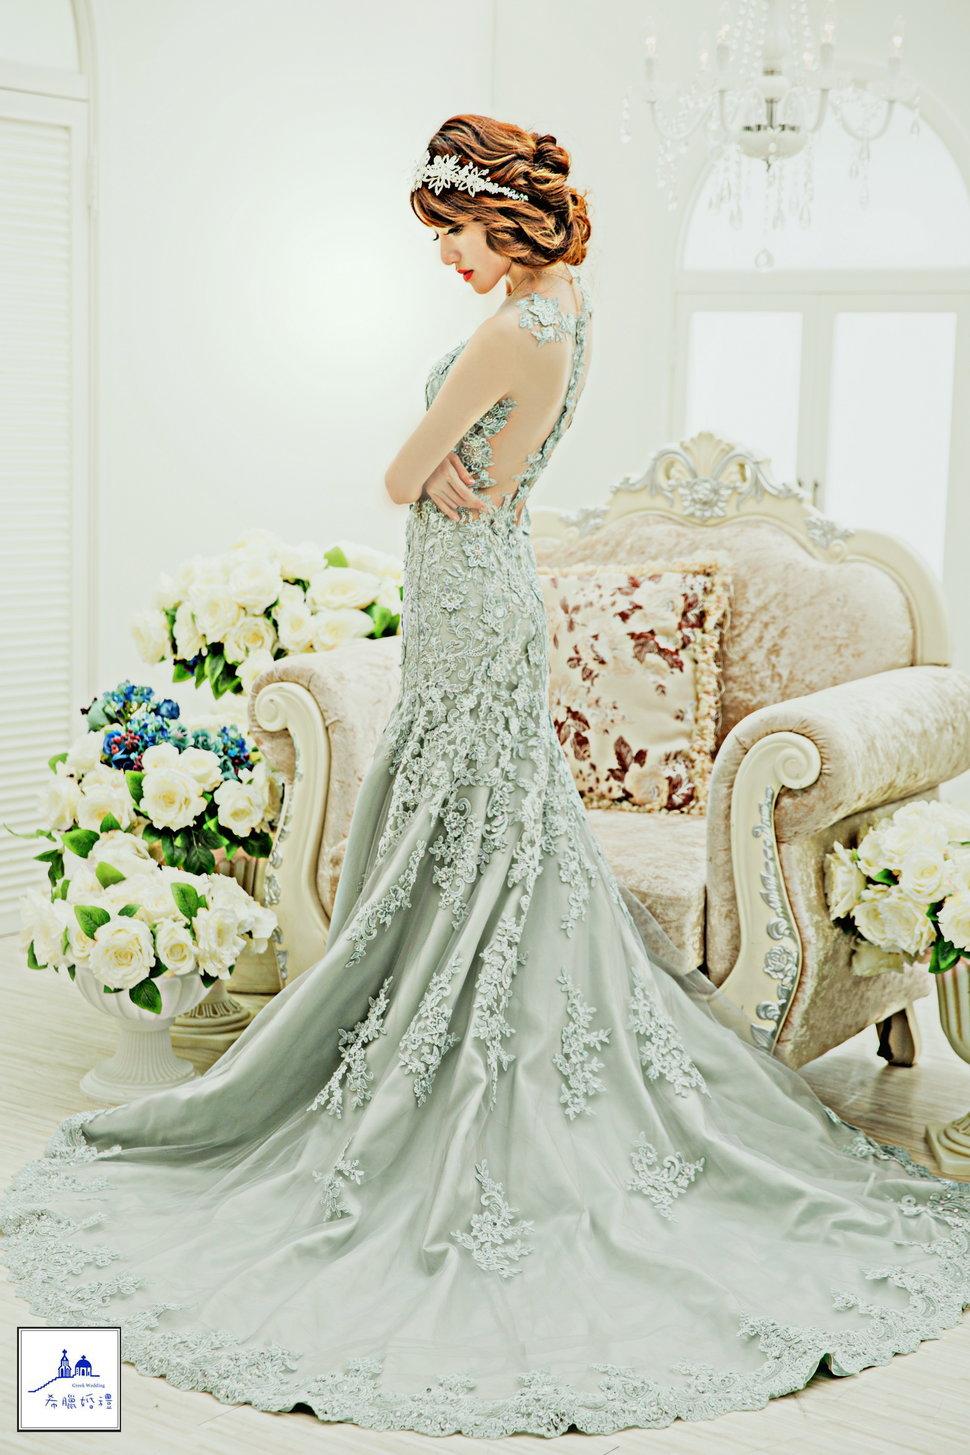 2016希臘婚禮手工婚紗禮服(編號:377106) - 希臘婚禮  婚紗  攝影 - 結婚吧